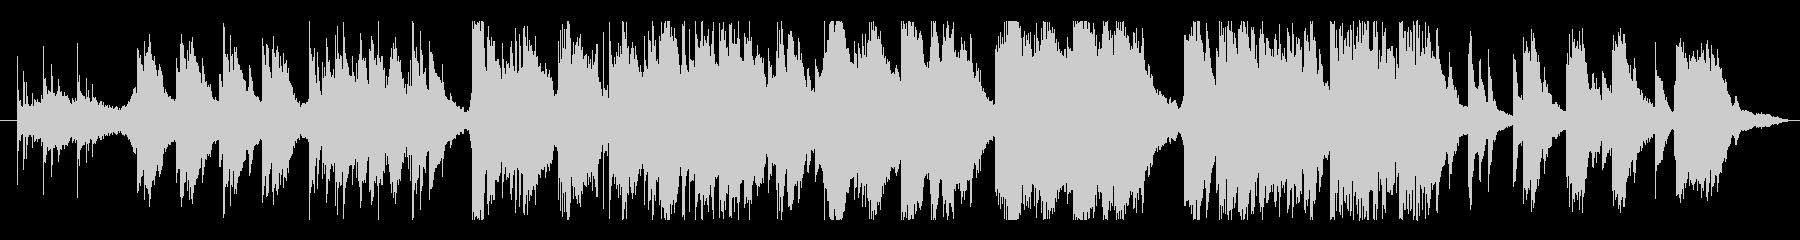 哀愁漂うピアノ曲の未再生の波形